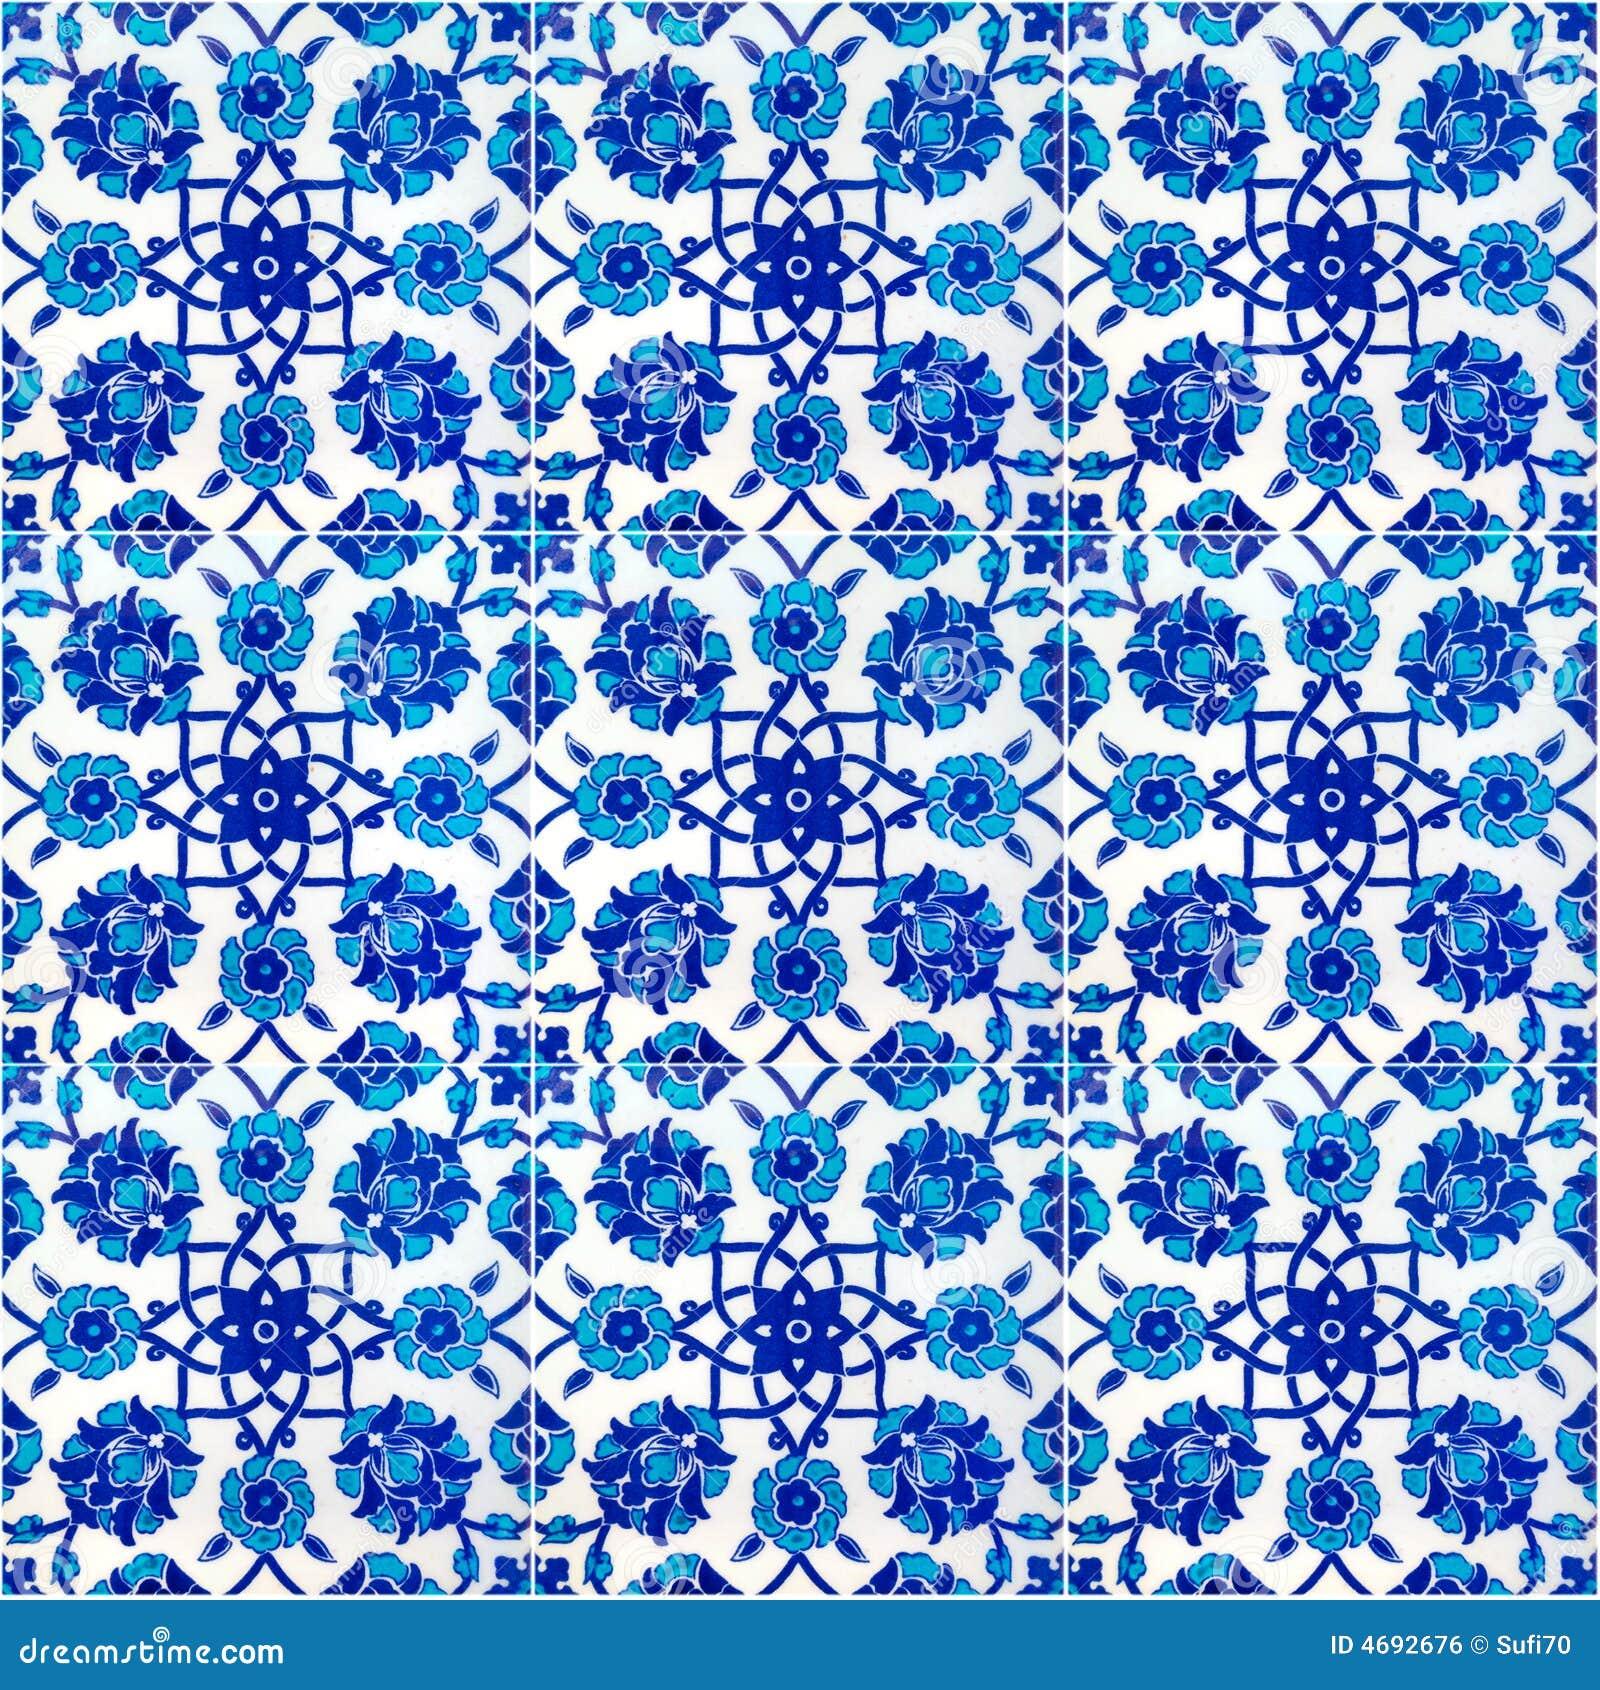 Bloemen patroon op oude turkse tegels istanboel royalty vrije stock afbeelding afbeelding - Oude patroon tegel ...